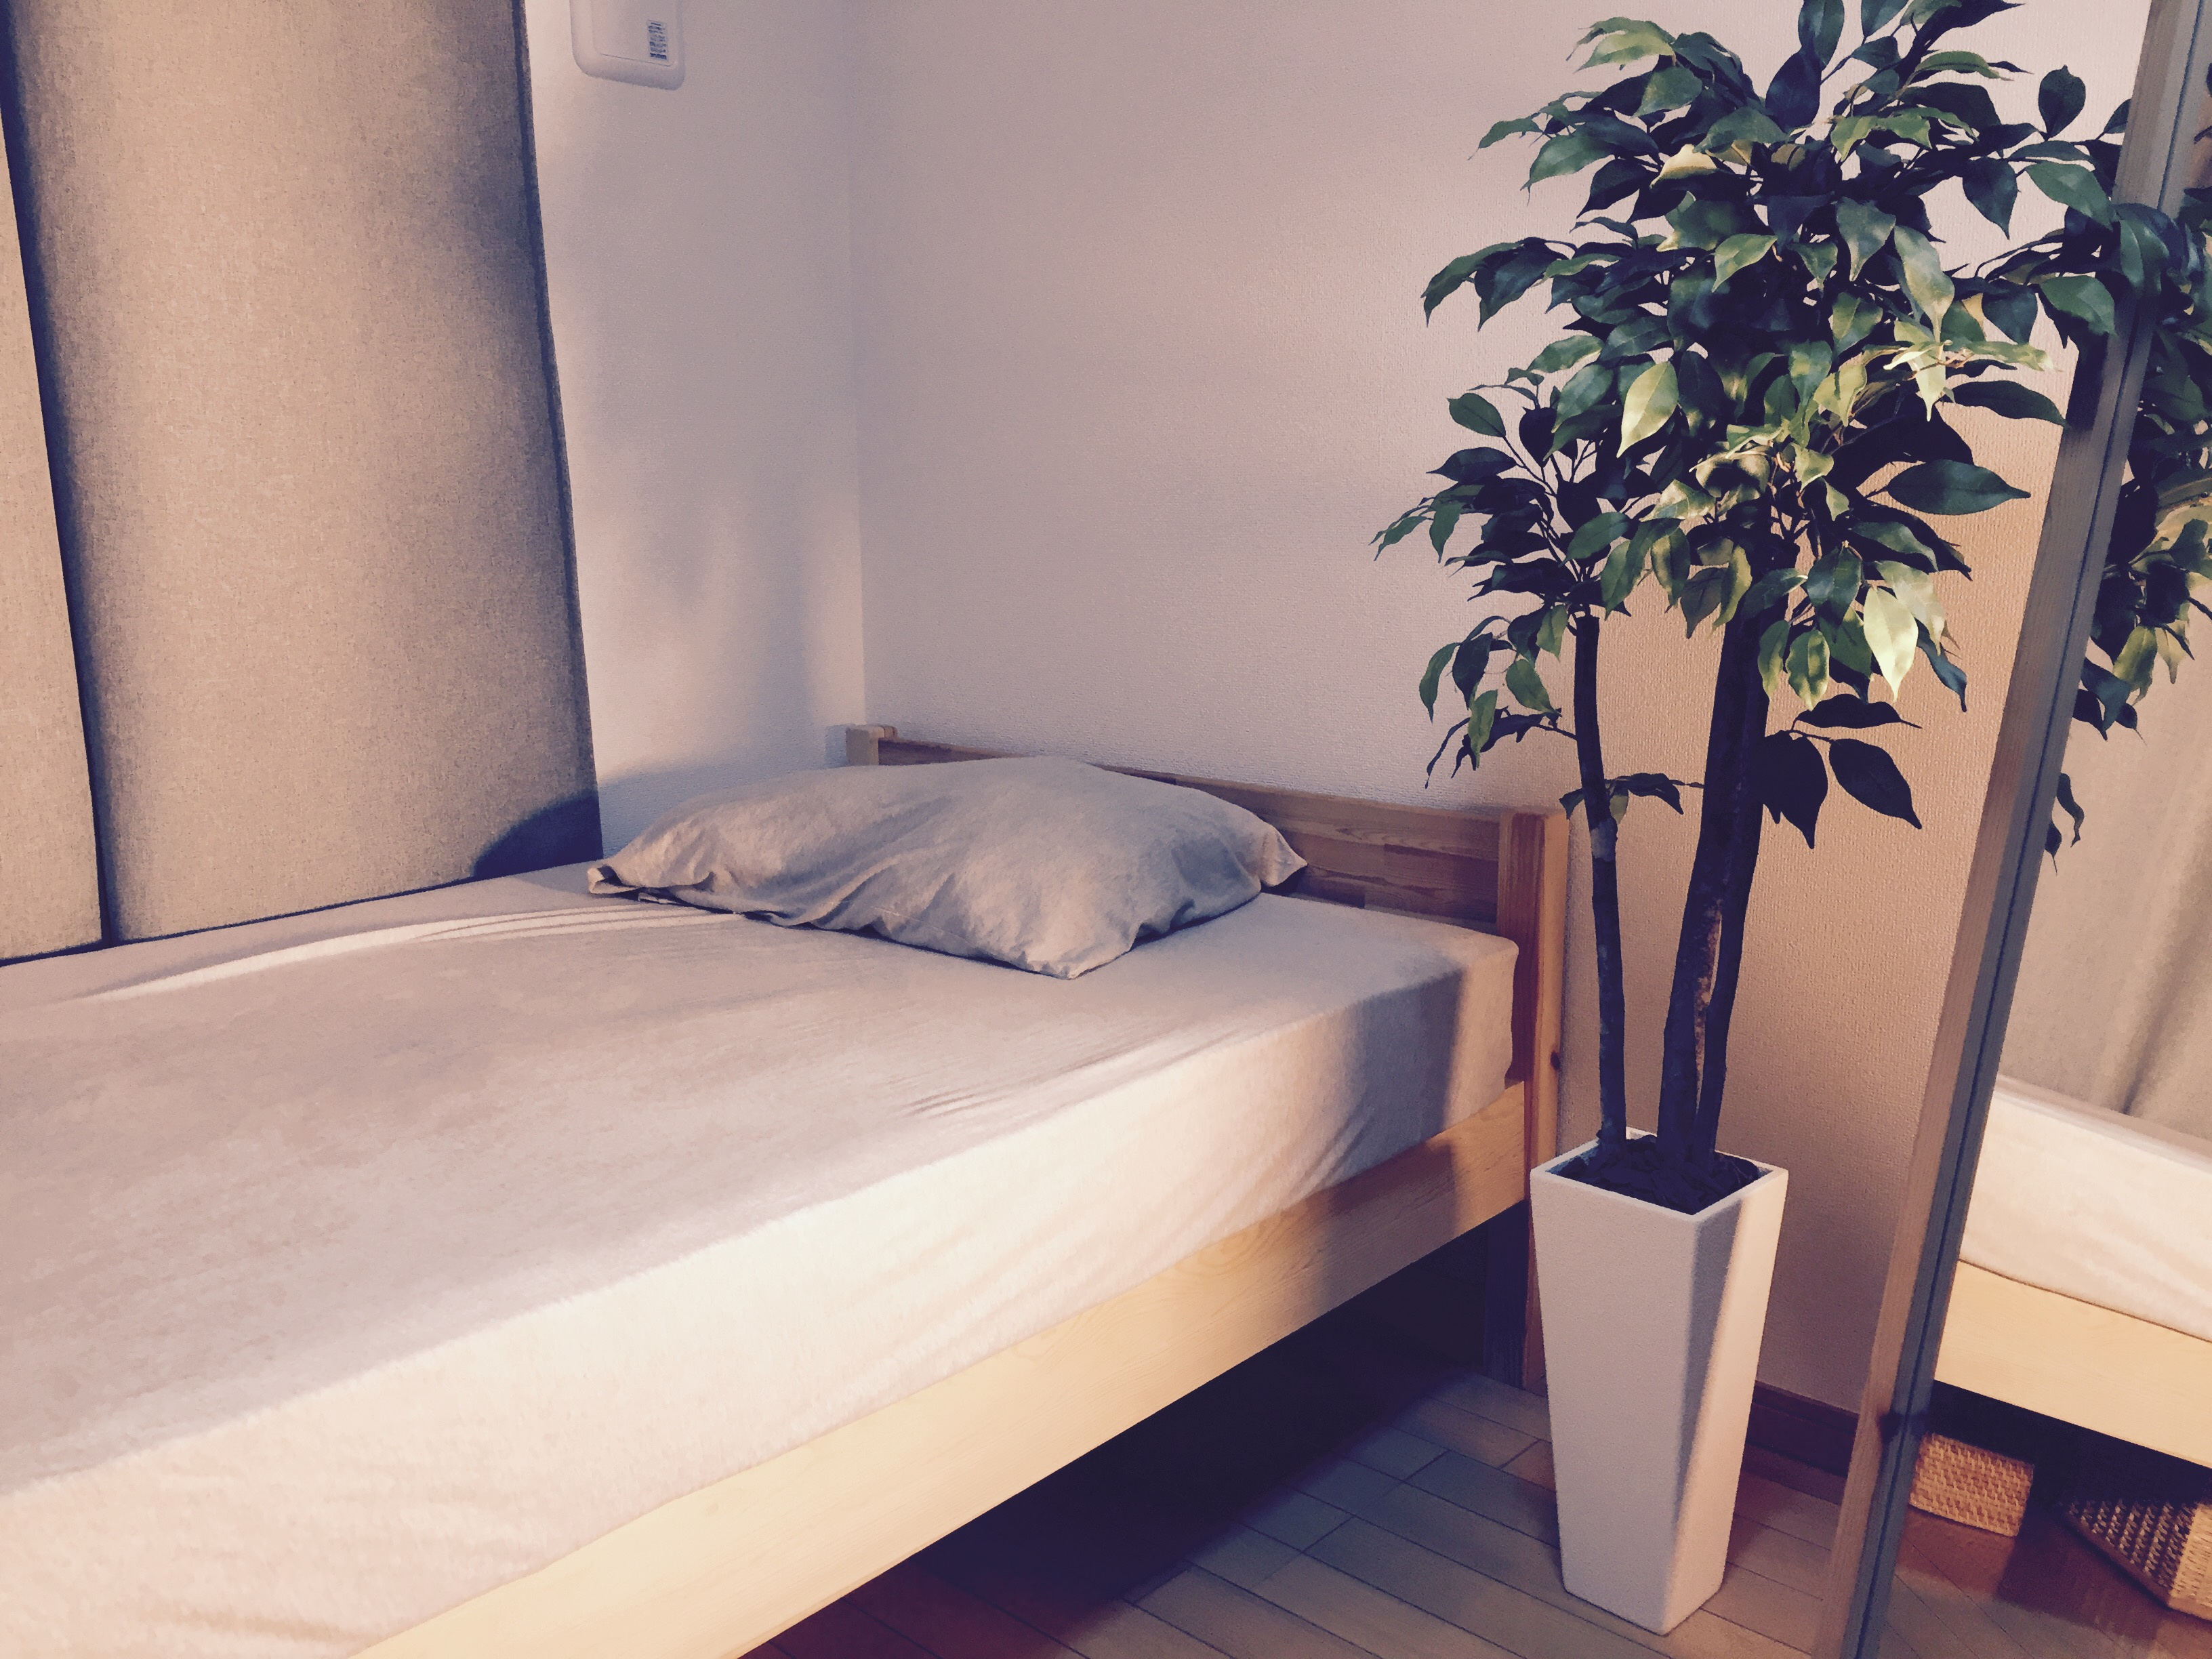 無印良品 収納ベッド